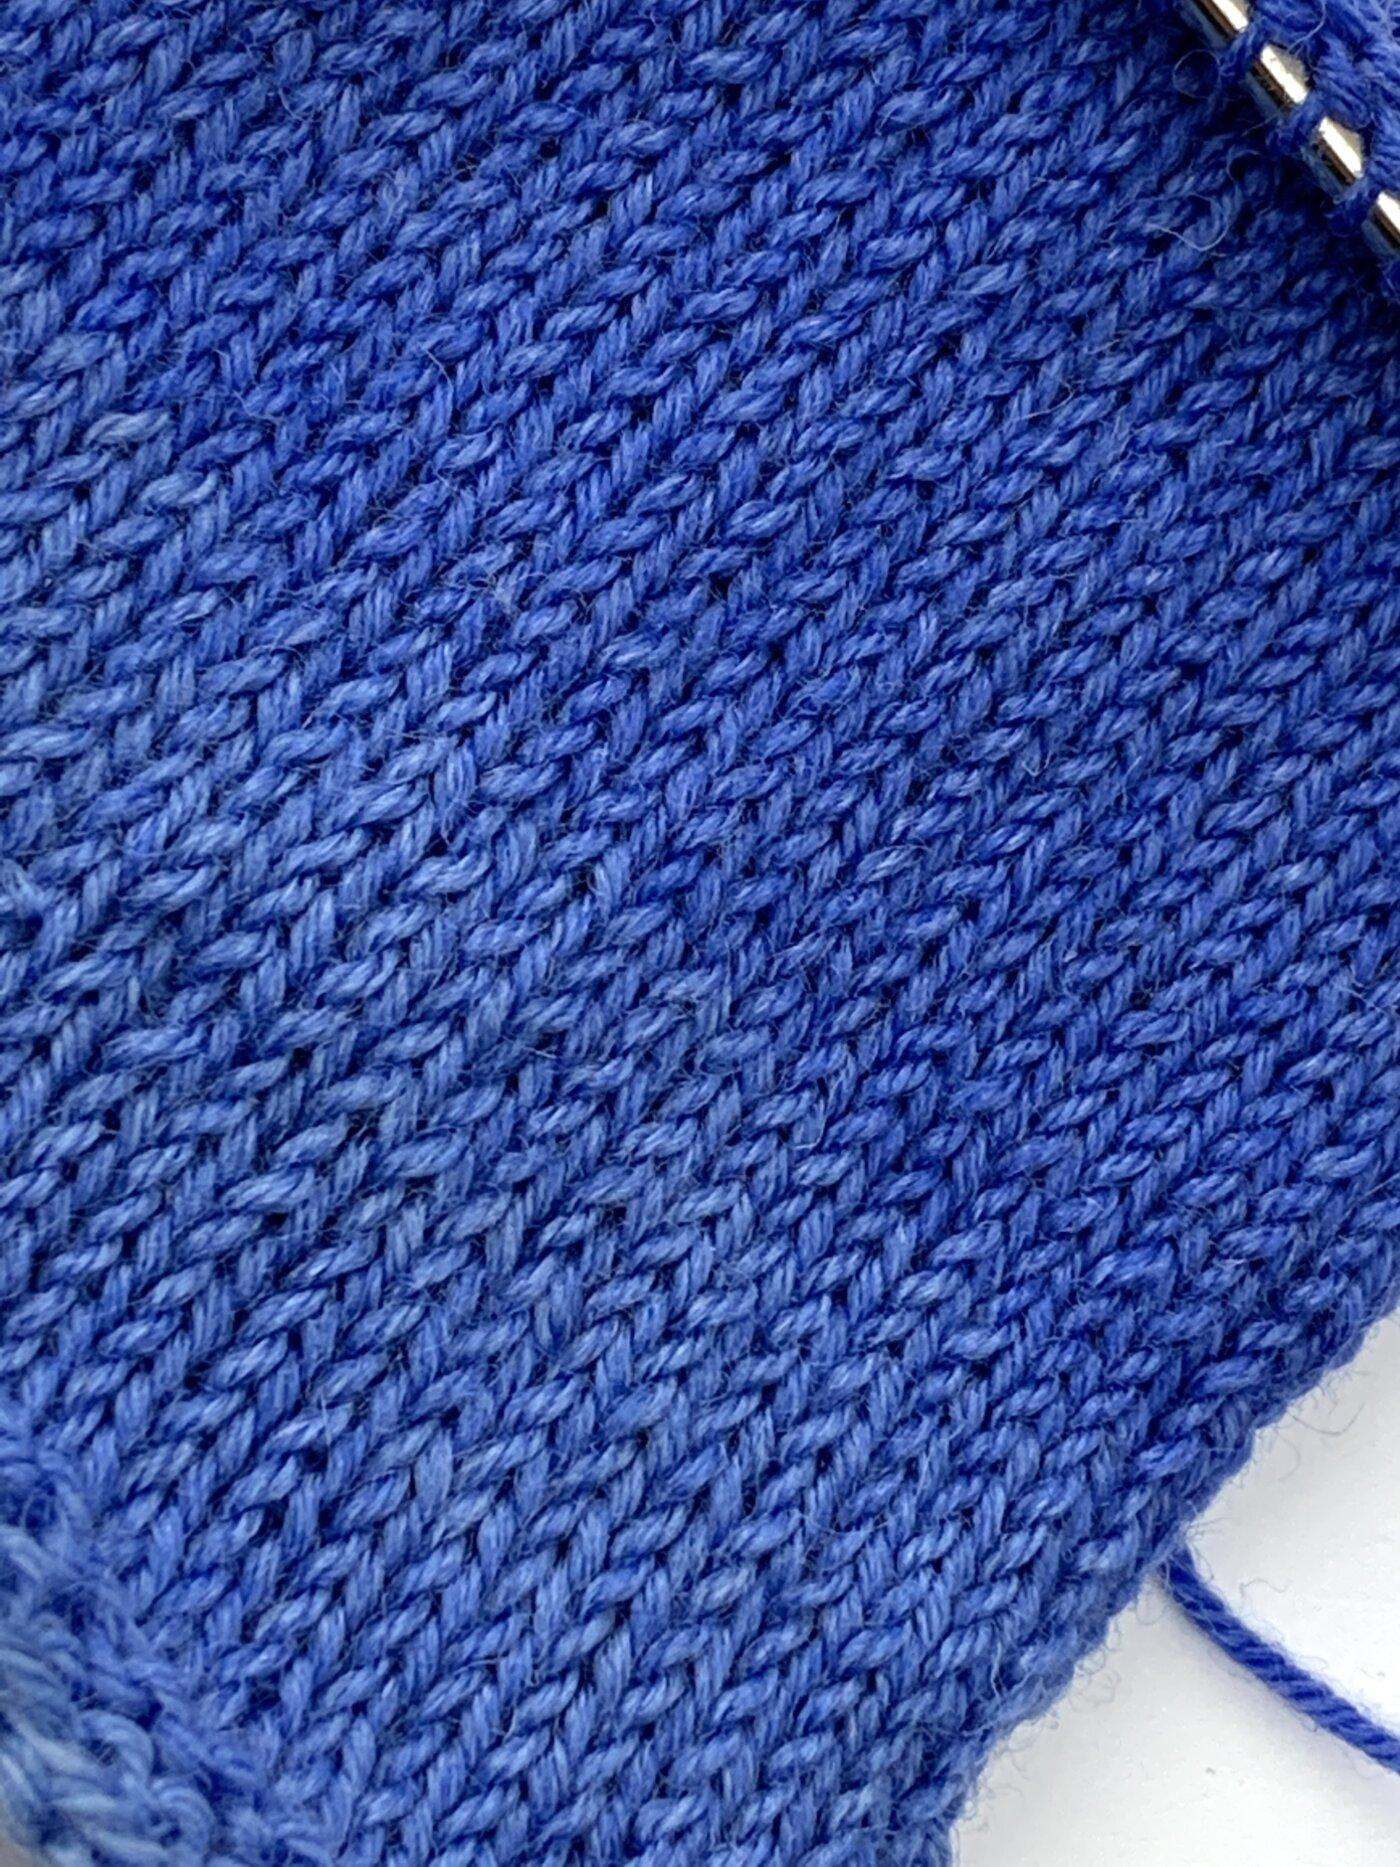 Lungauer Sockenwolle mit Vitamin E - Maschenprobe - glatt rechts gestrickt - mit gleichmäßigem Maschenbild